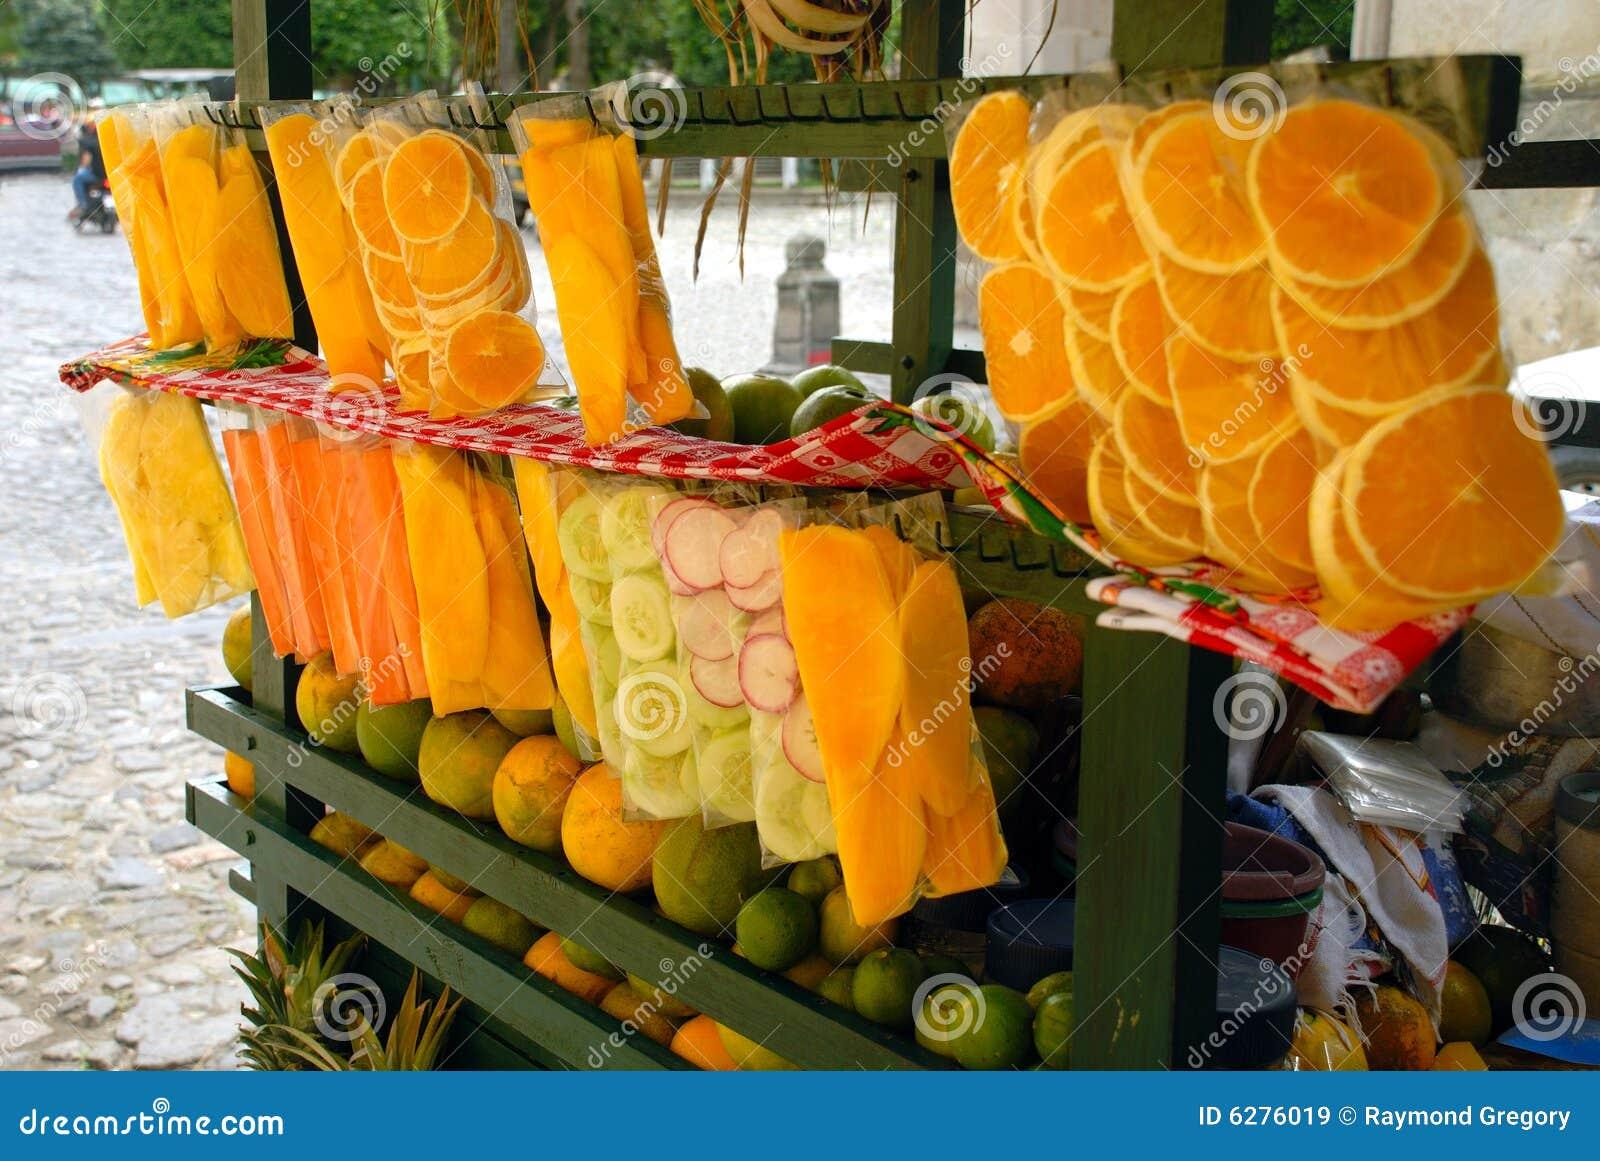 Soporte de fruta del carro de la calle antigua guatemala - Carro de frutas ...